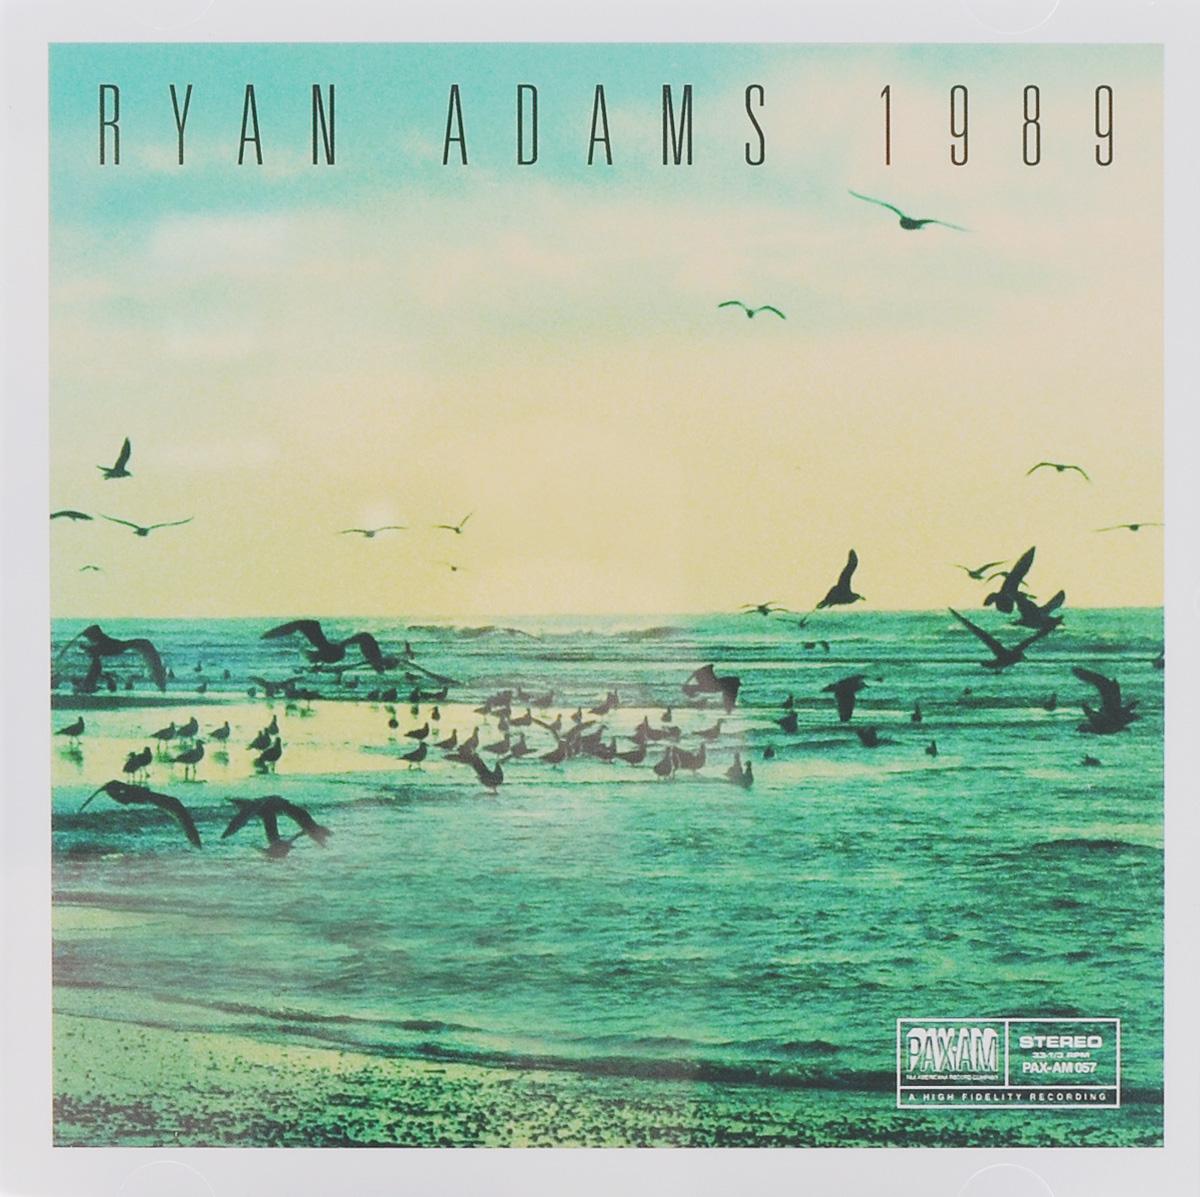 Райан Адамс Ryan Adams. 1989 райан адамс ryan adams 1989